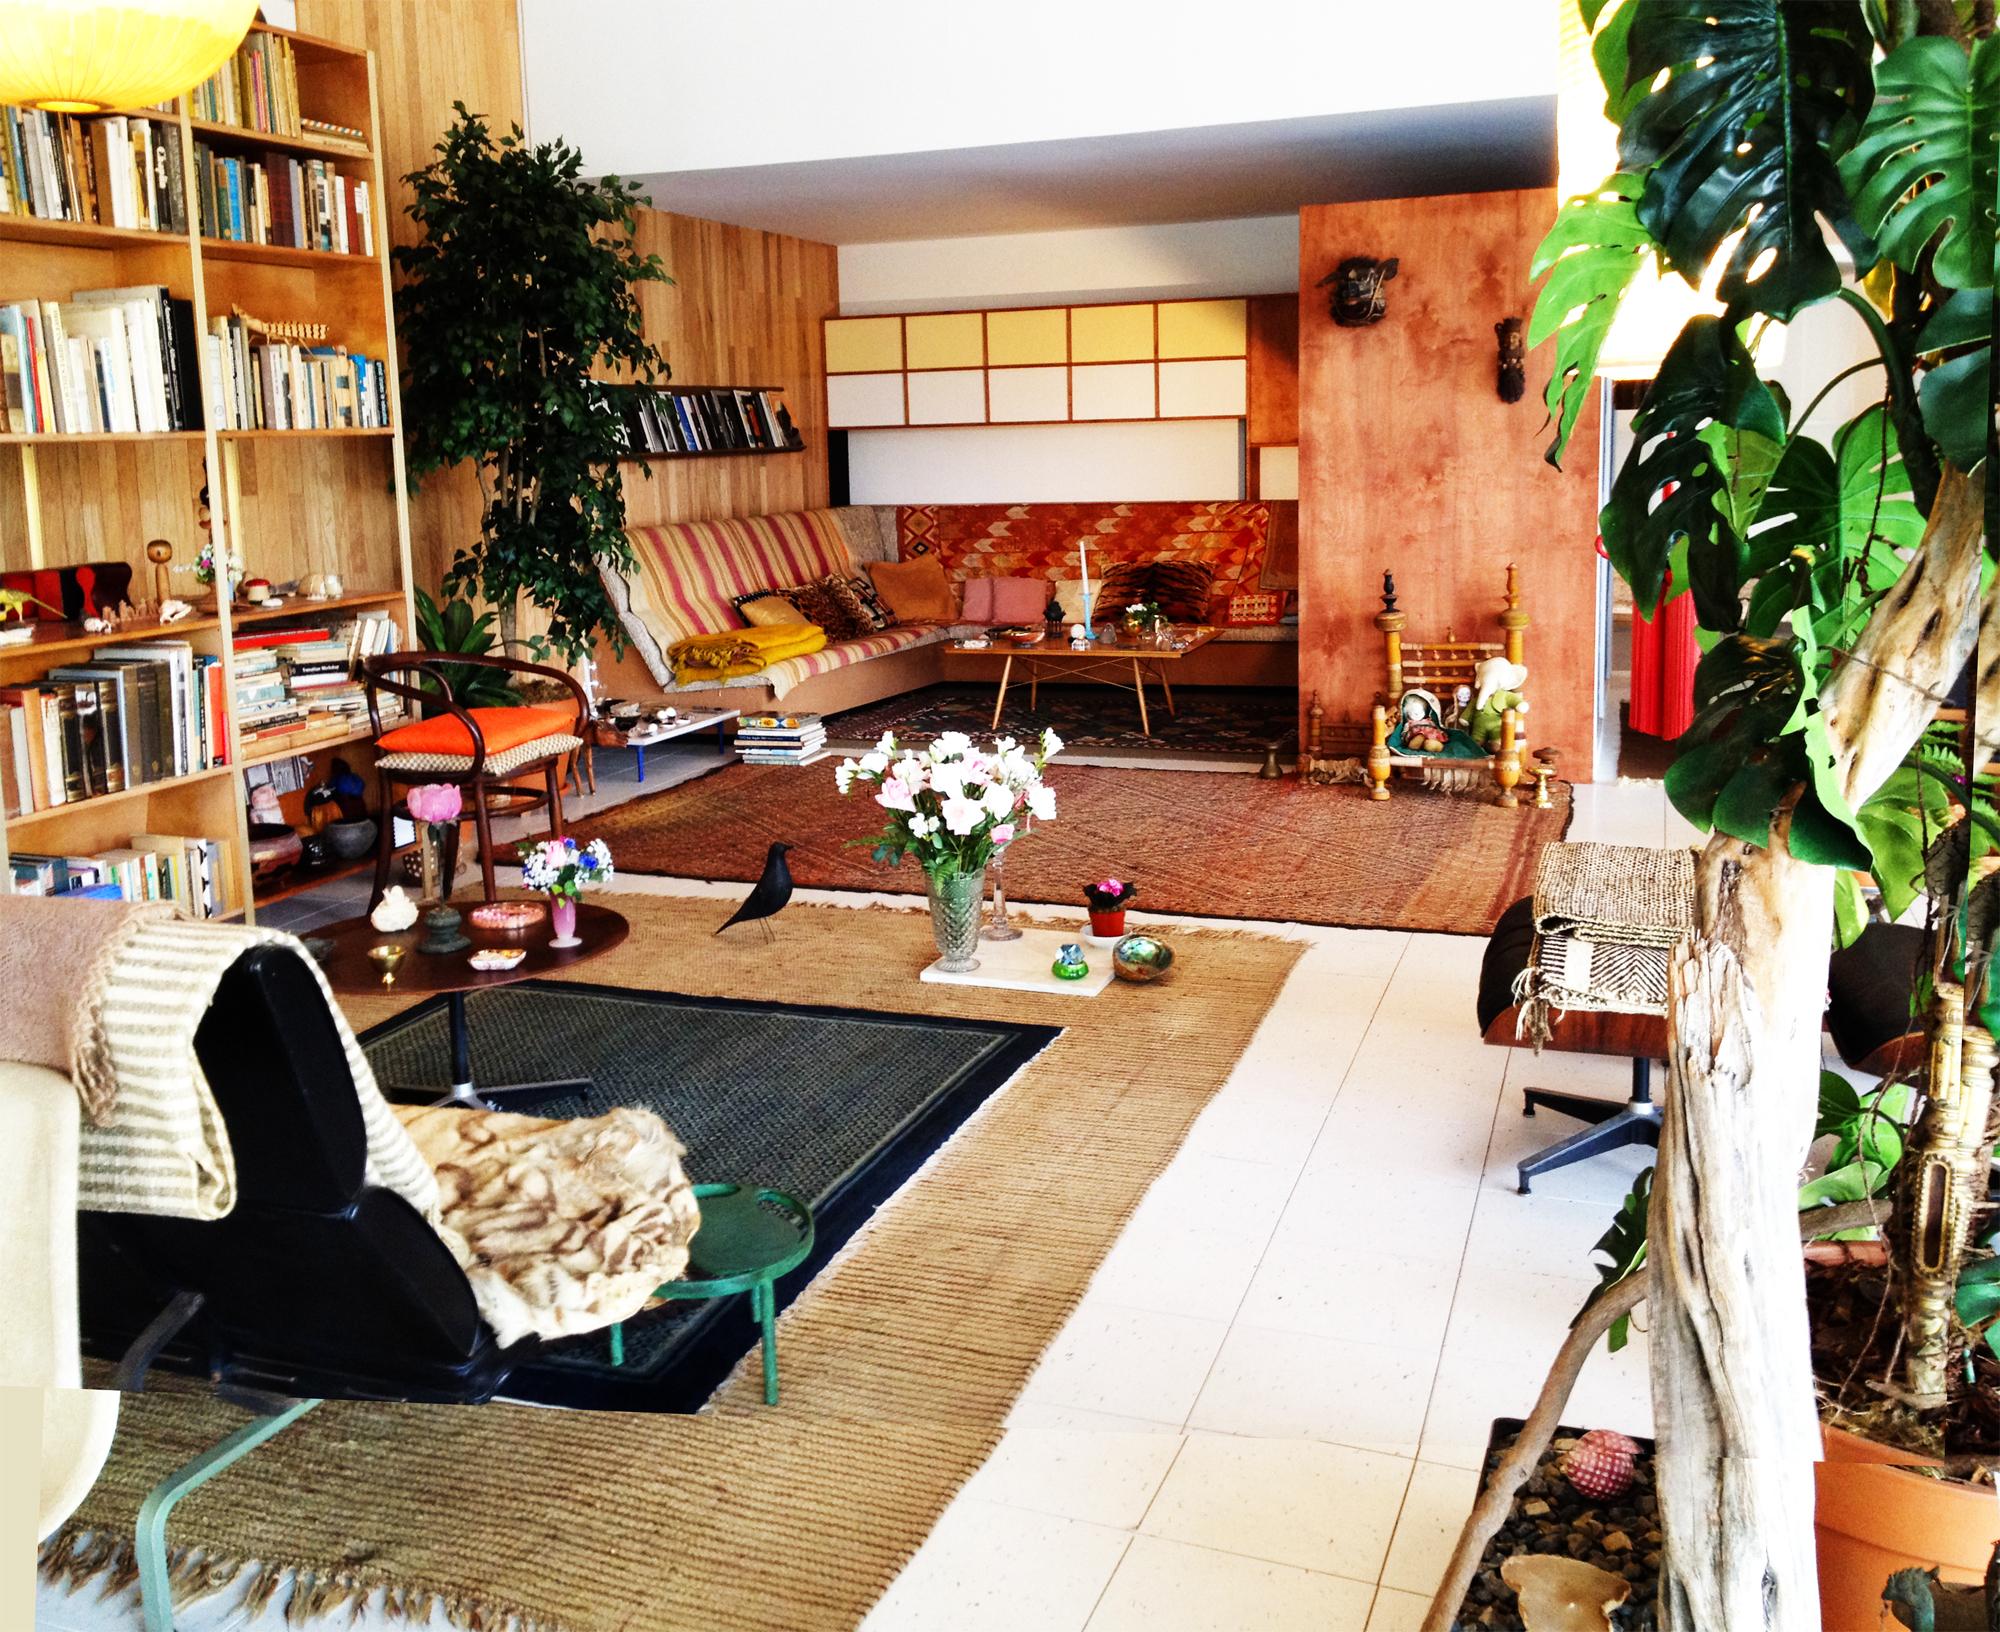 Eames LA living room Eames, Room, Living room